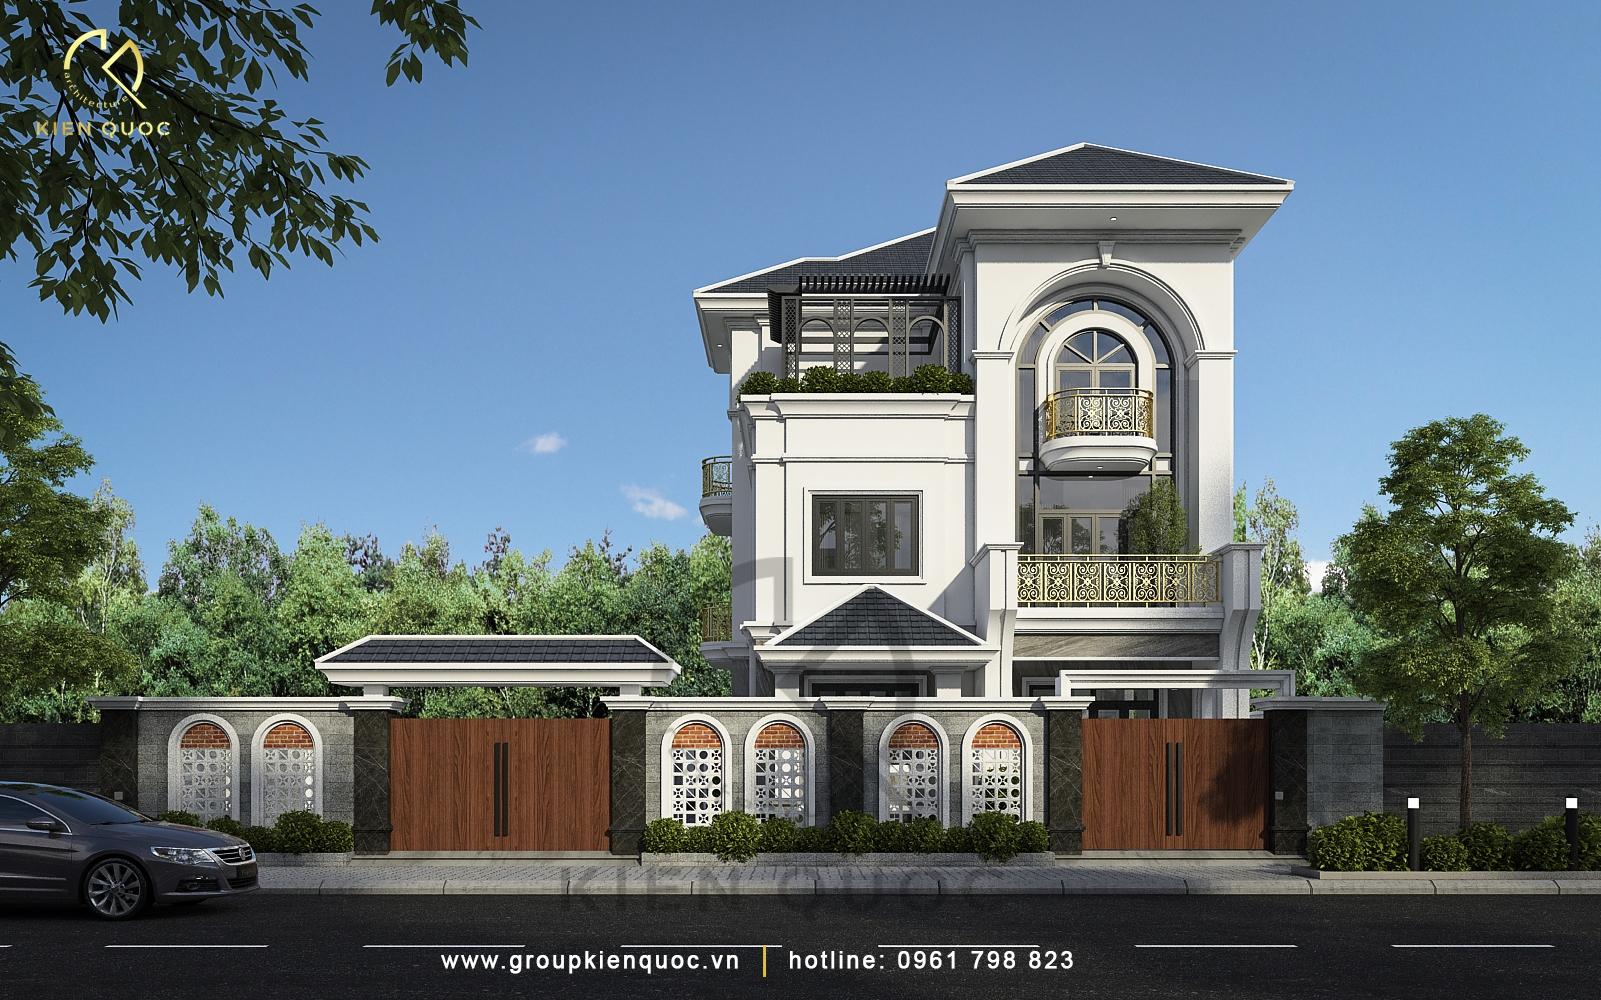 Nhà anh Trang